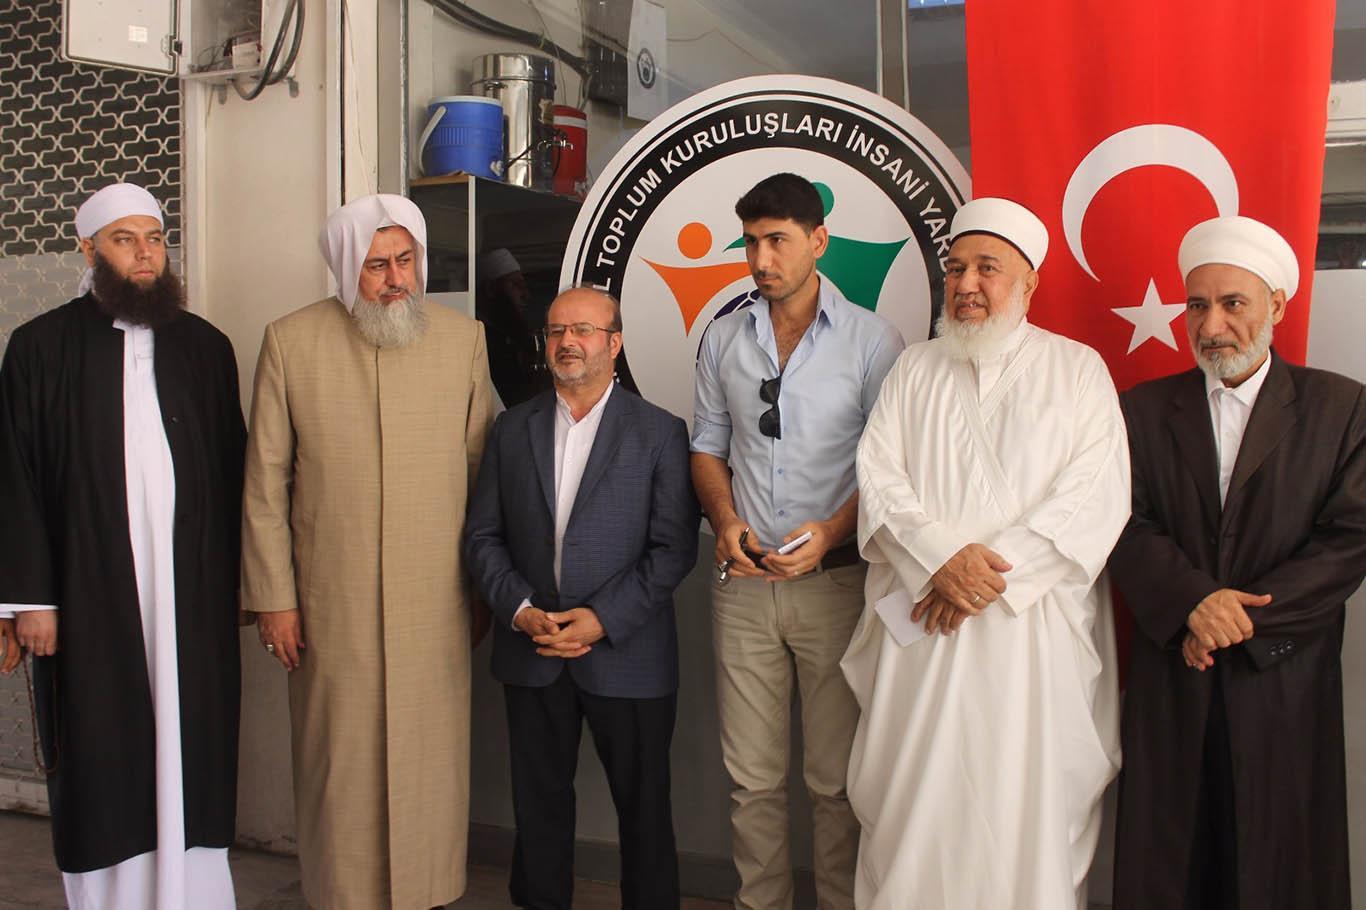 Suriyeli kanaat önderleriden darbe girişimi açıklaması